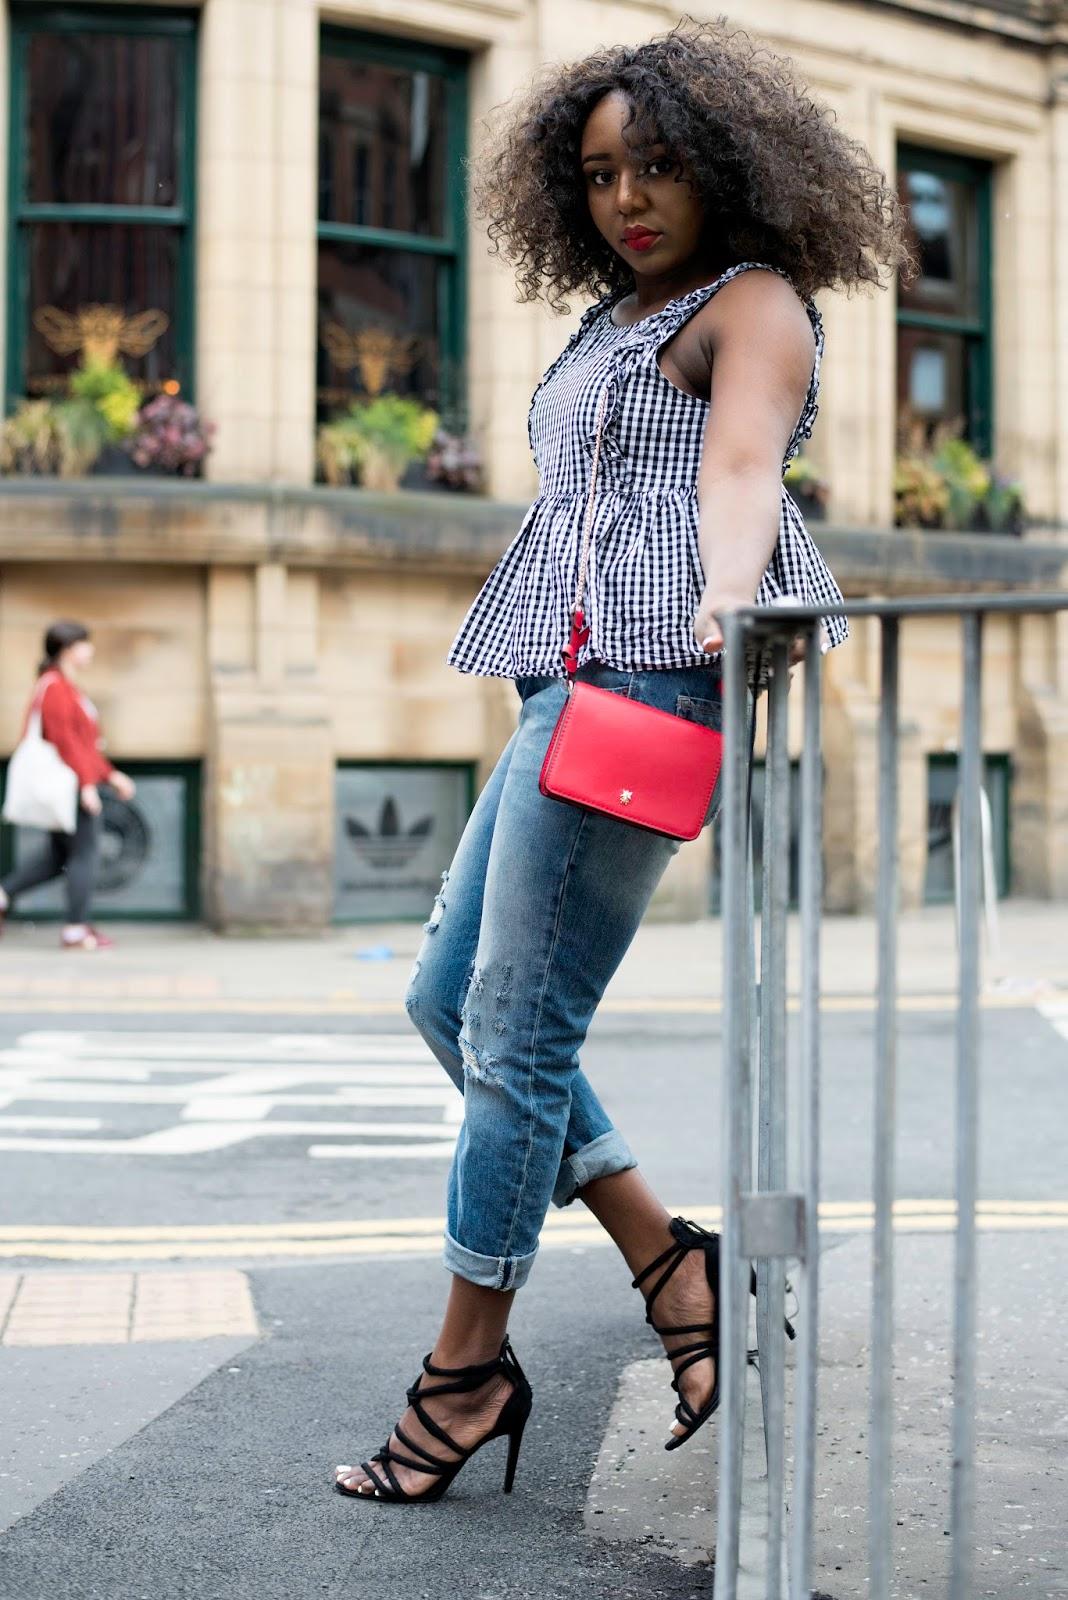 Stephylately styling a gingham top Zara